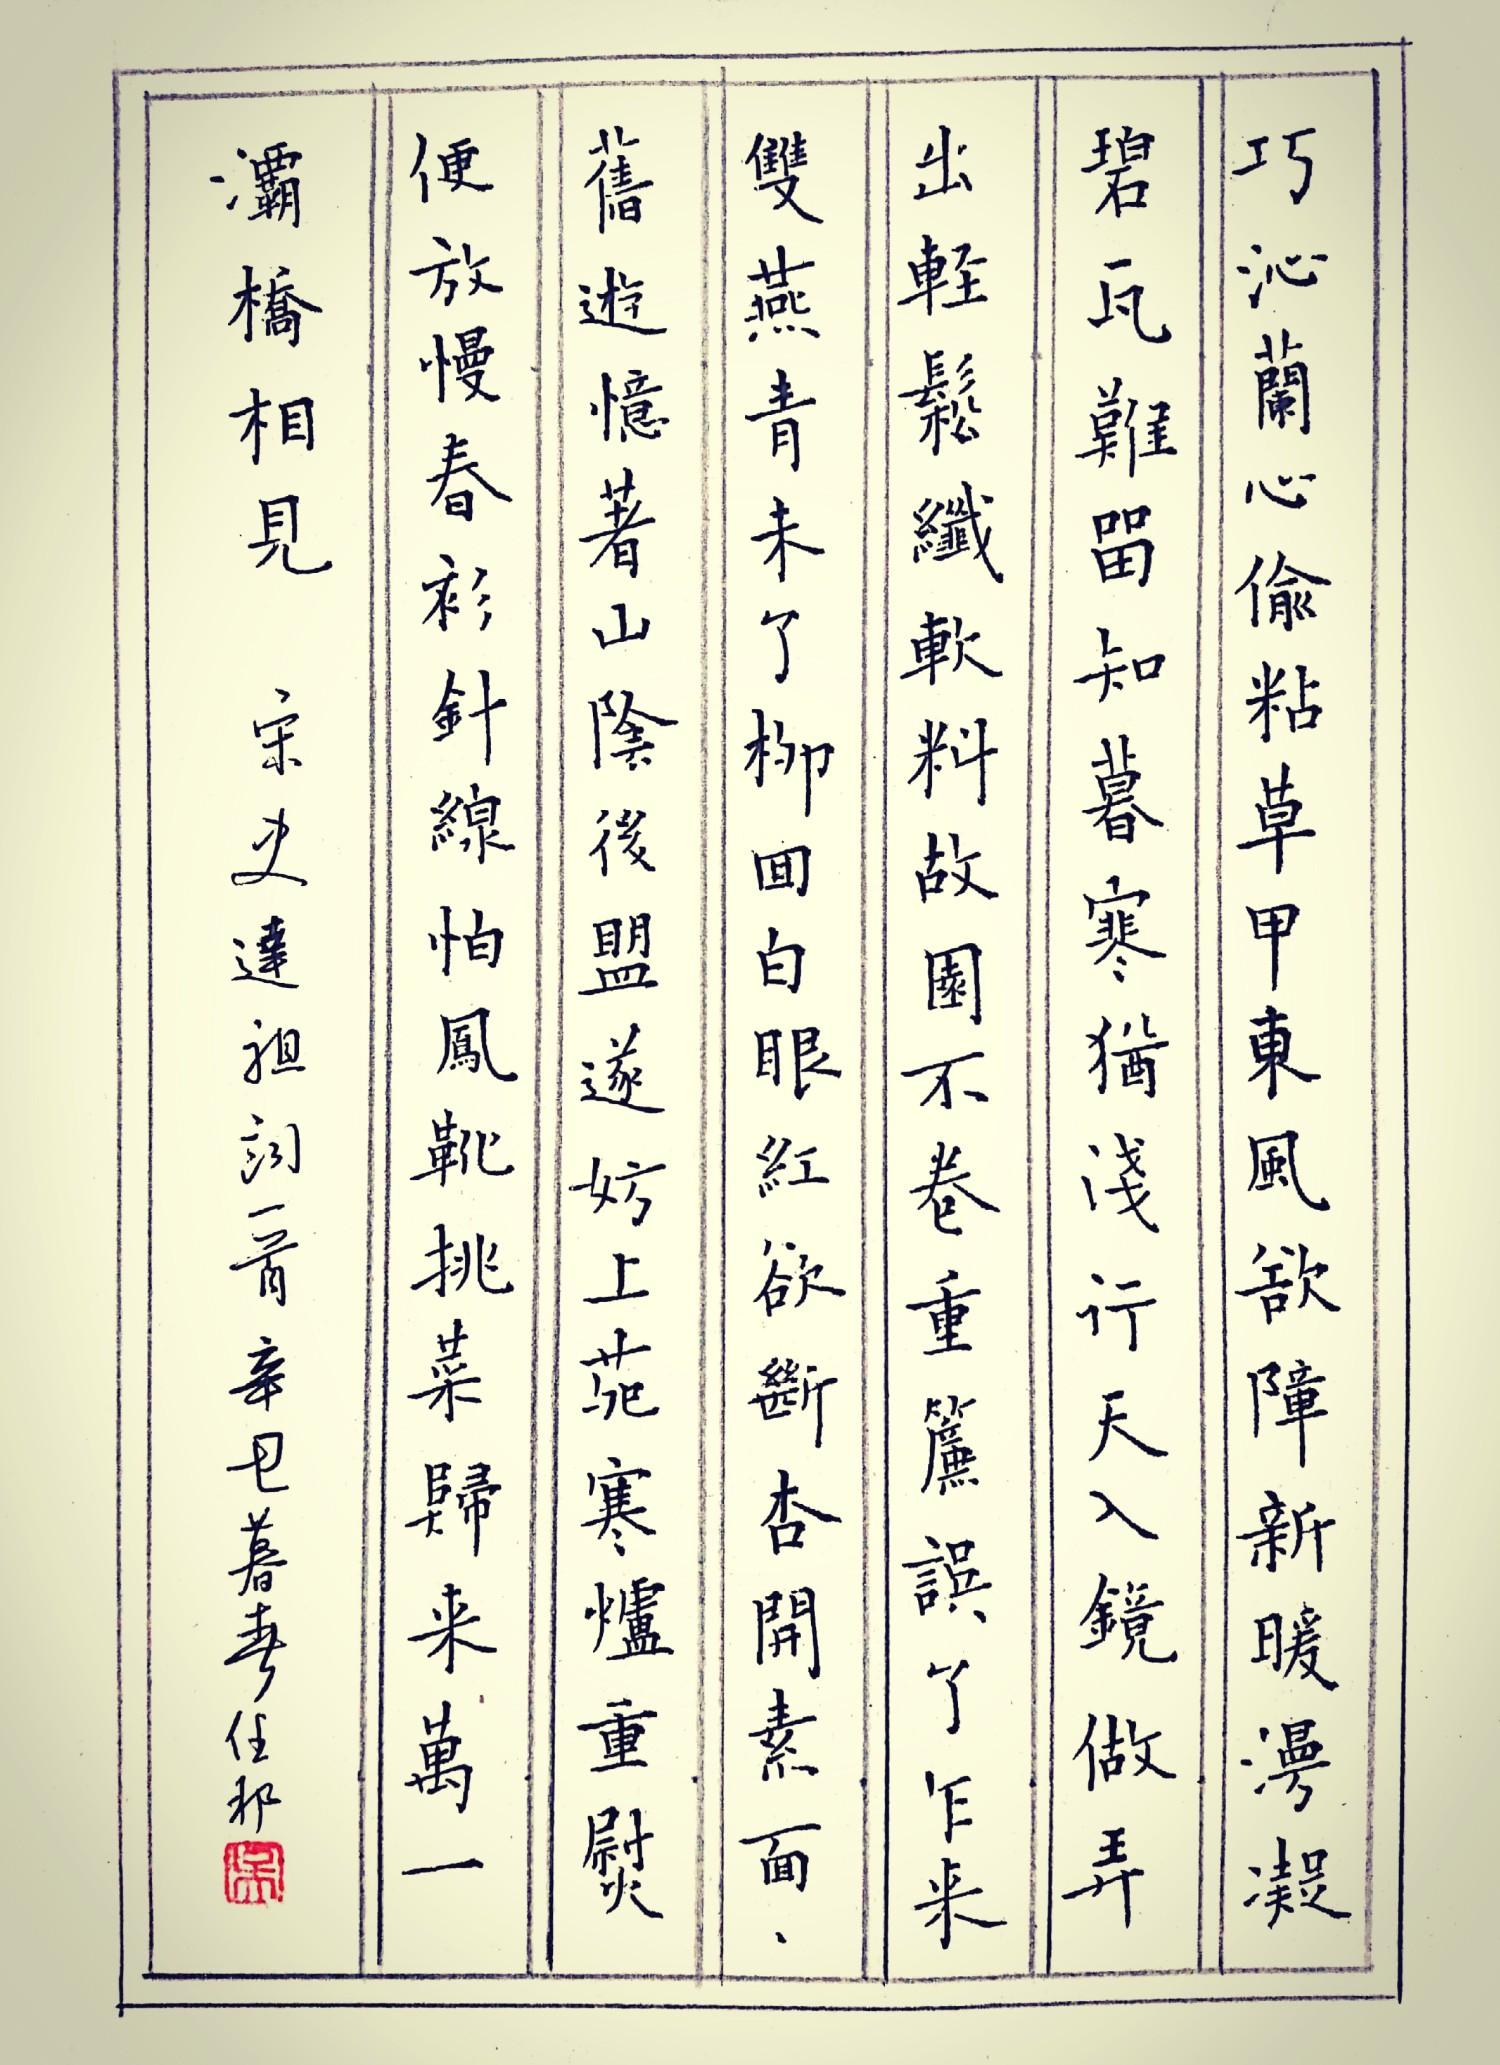 钢笔书法练字打卡20210511-18